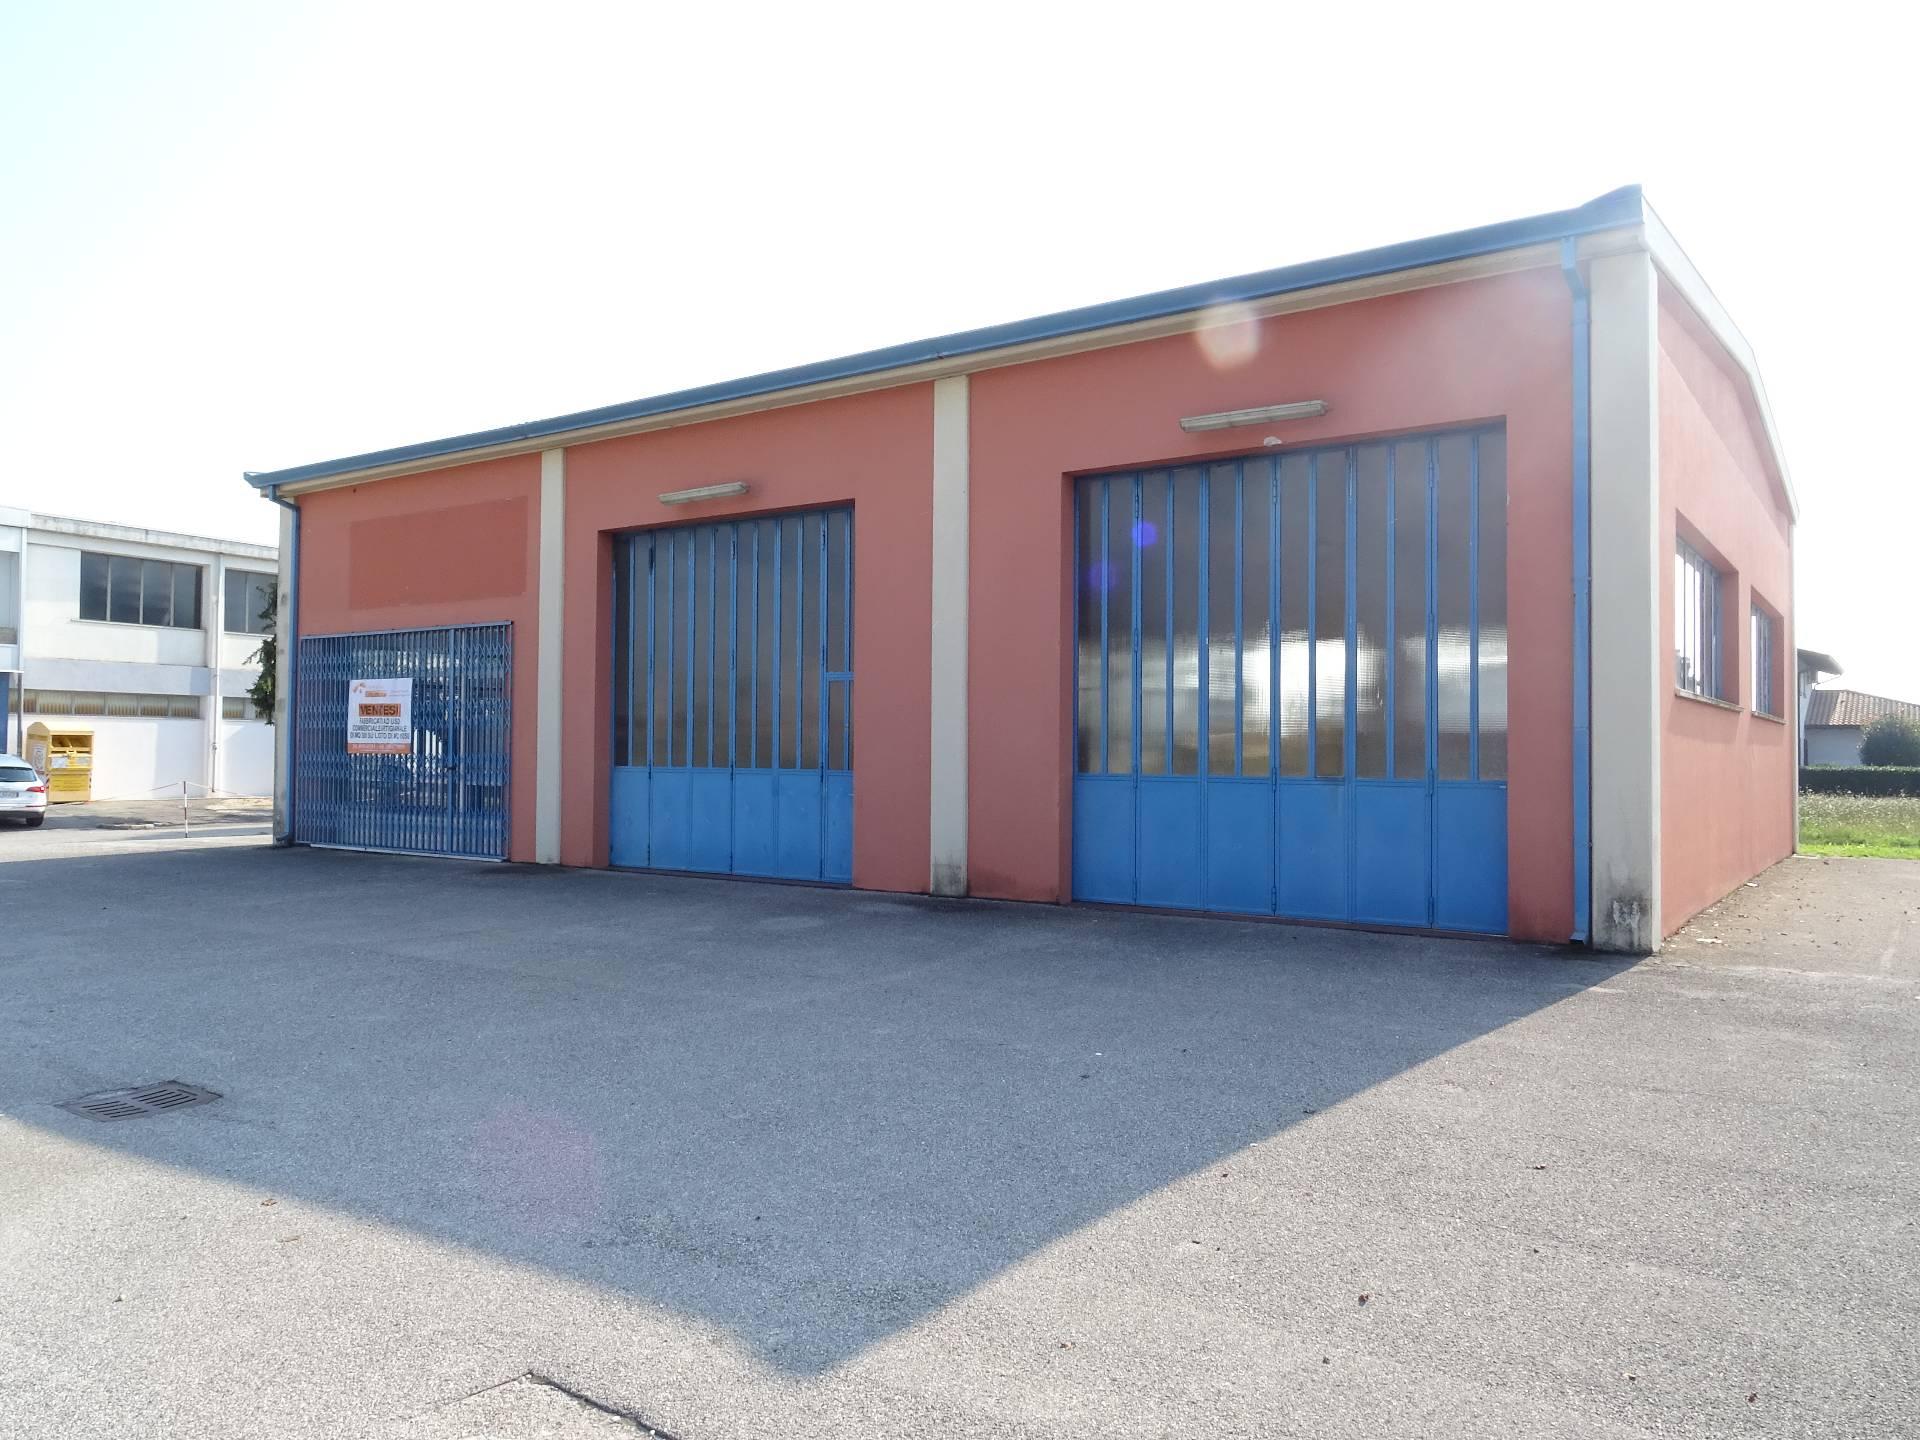 Negozio / Locale in vendita a Muzzana del Turgnano, 9999 locali, prezzo € 169.000 | CambioCasa.it